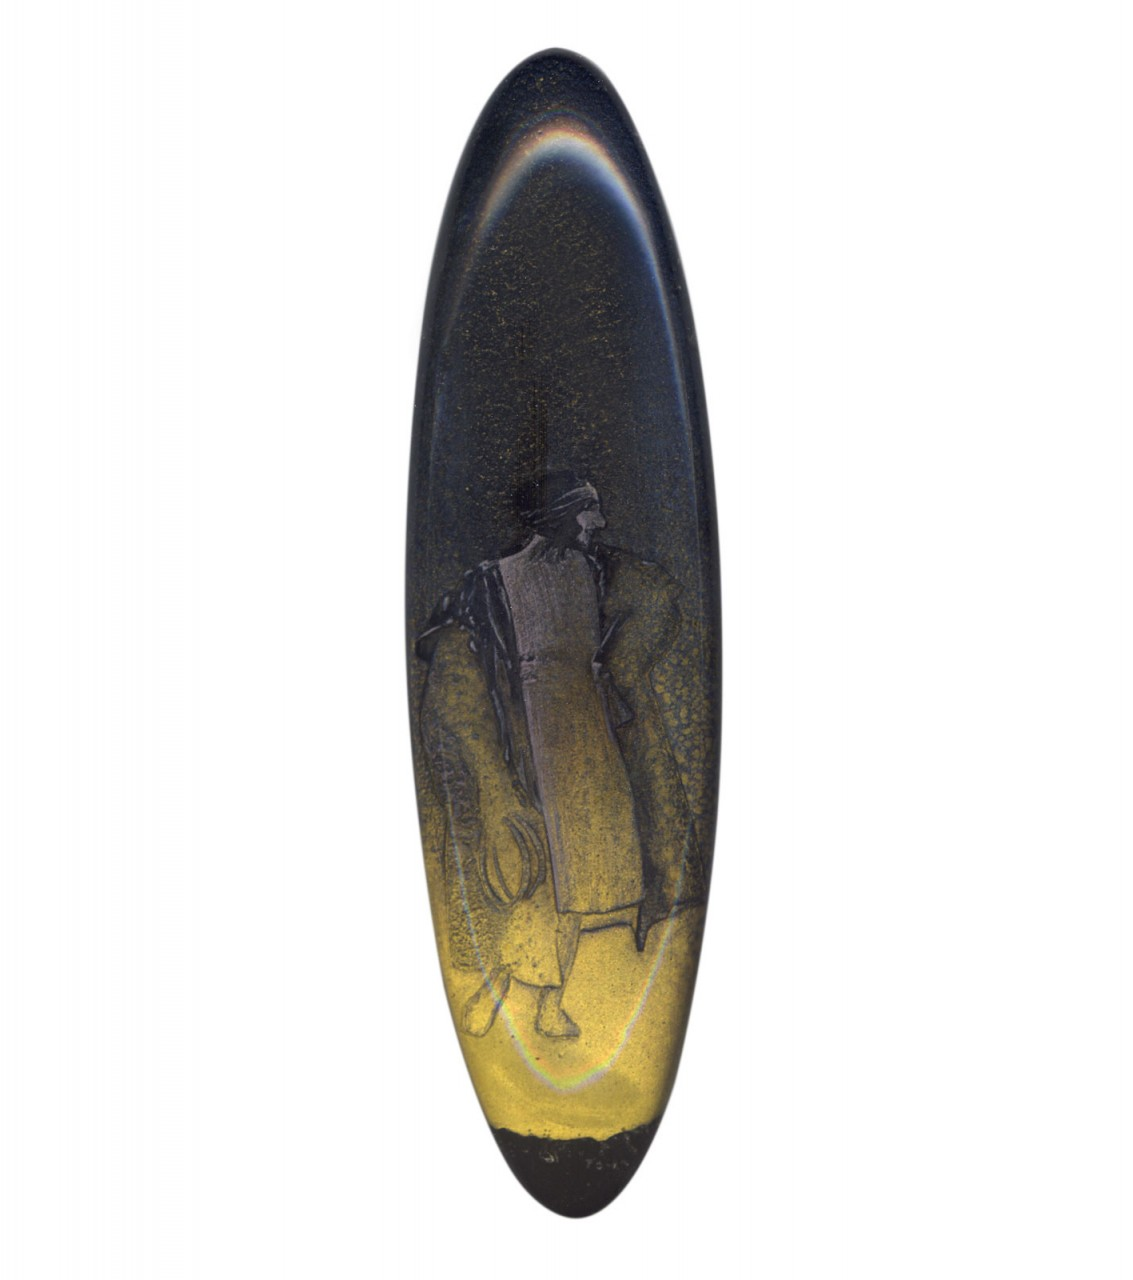 Suzanne blu oro nero 2005 - cm 7x25 - acrylic, epoxy glazing